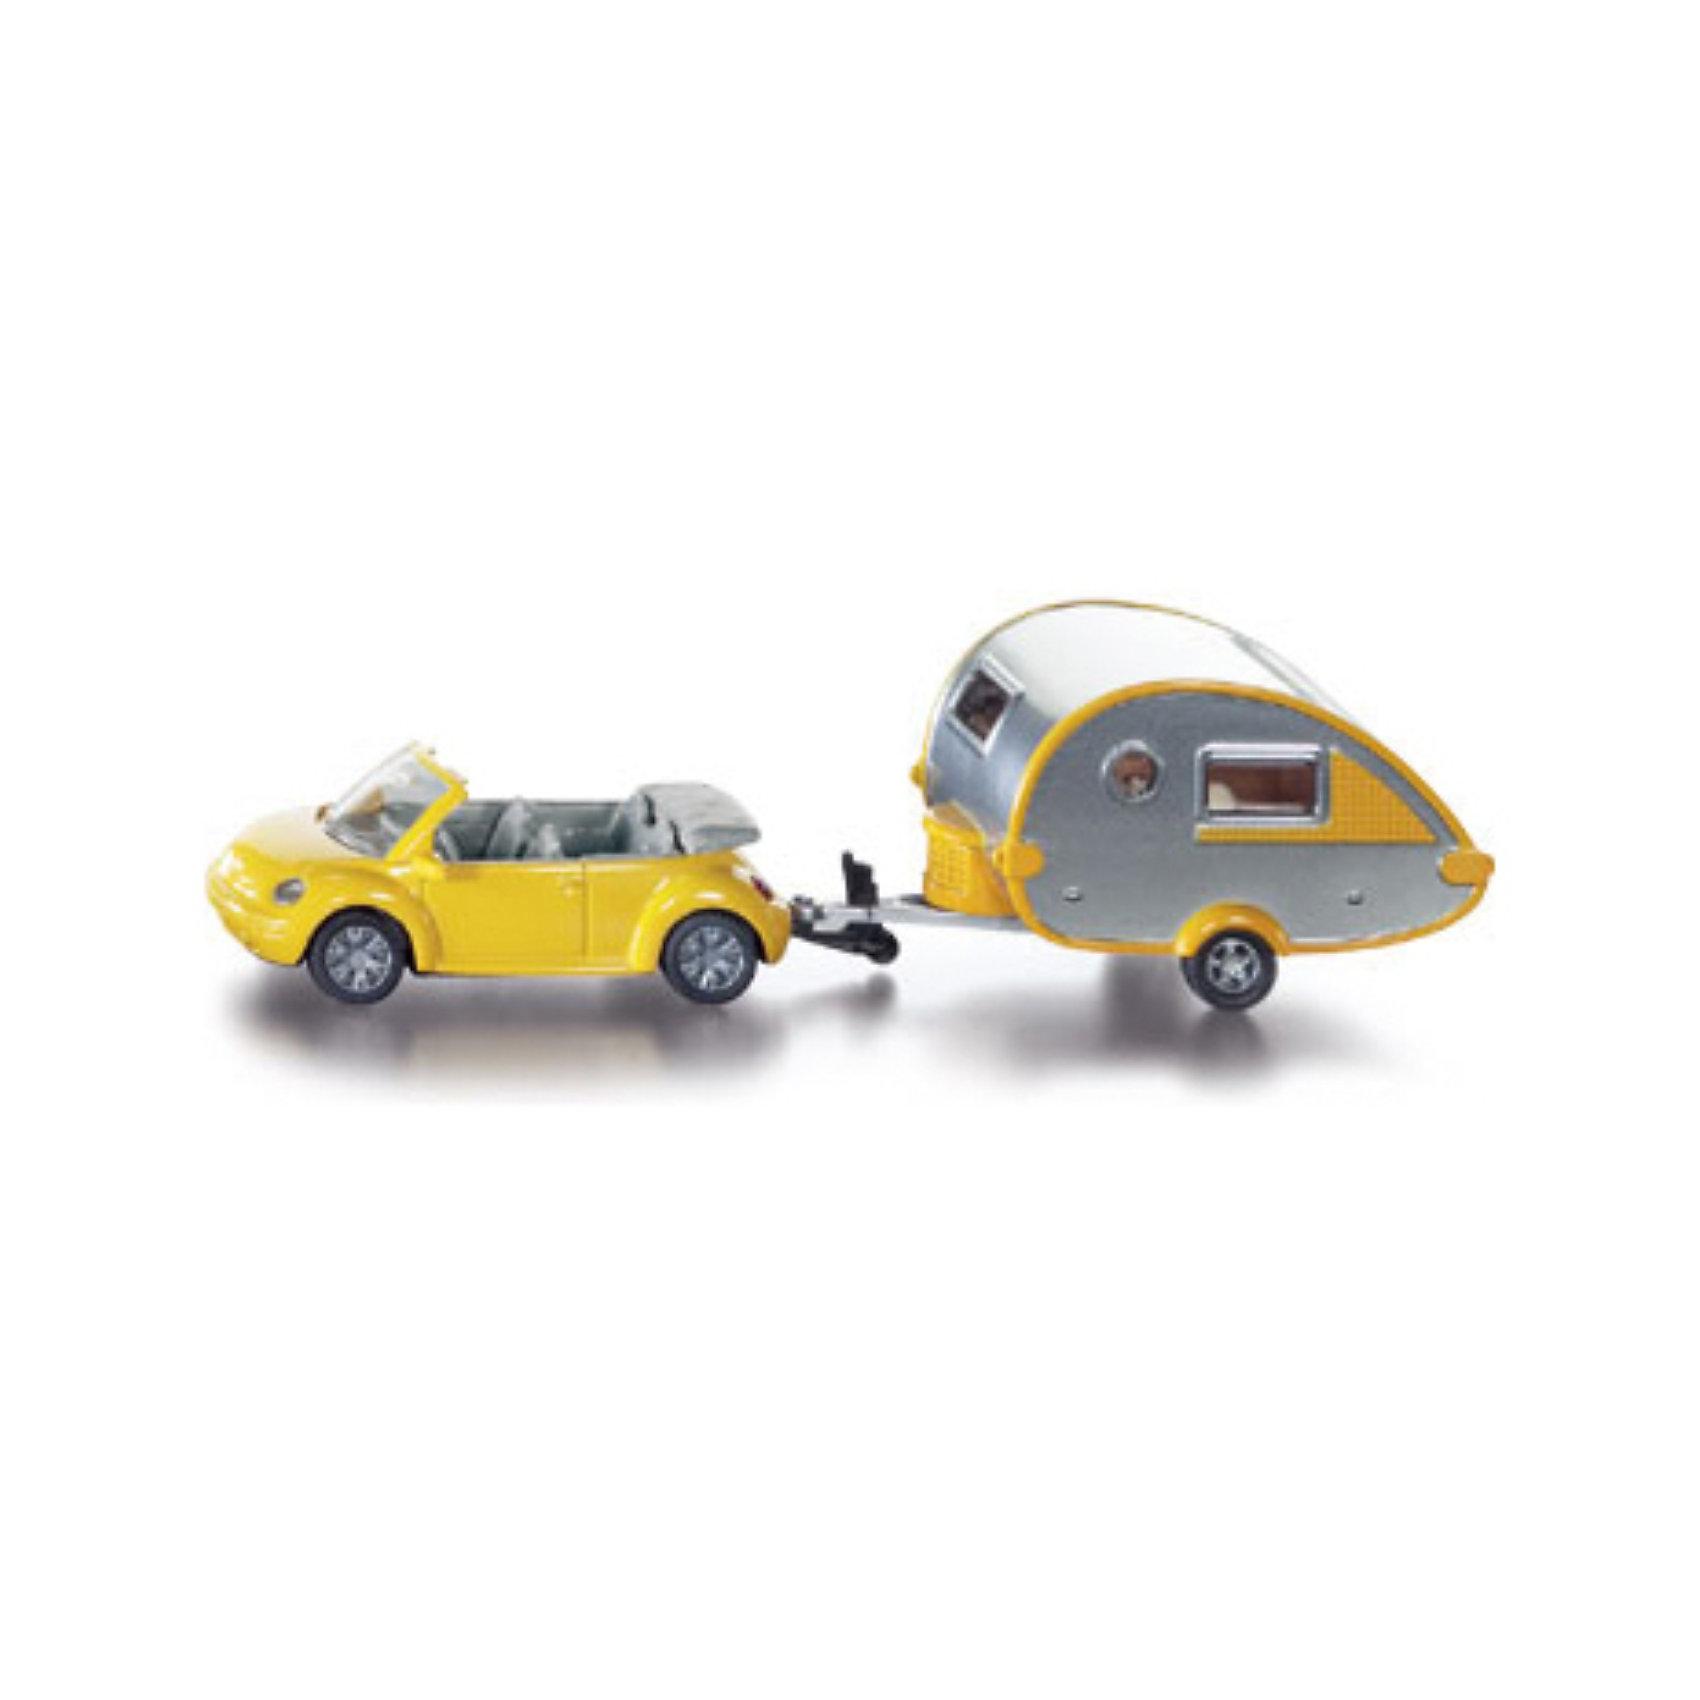 SIKU 1629 Автомобиль с жилым прицепомSIKU (СИКУ) 1629 Автомобиль с жилым прицепом для юного любителя природы.<br><br>Игрушечная модель автомобиль с прицепом жилым фургоном, корпус машины и прицепа выполнены из металла, колёса выполнены из резины и вращаются, можно катать. Прицеп отцепляется от машины.<br><br>Дополнительная информация:<br>-Размеры: 16,3 x 3,9 x 4,4 см<br>-Материал: металл с элементами пластмассы<br><br>Модели SIKU (СИКУ) всегда порадуют как малышей, так и взрослых коллекционеров. <br><br>SIKU (СИКУ) 1629 Автомобиль с жилым прицепом можно купить в нашем магазине.<br><br>Ширина мм: 199<br>Глубина мм: 76<br>Высота мм: 45<br>Вес г: 158<br>Возраст от месяцев: 36<br>Возраст до месяцев: 96<br>Пол: Мужской<br>Возраст: Детский<br>SKU: 1503796